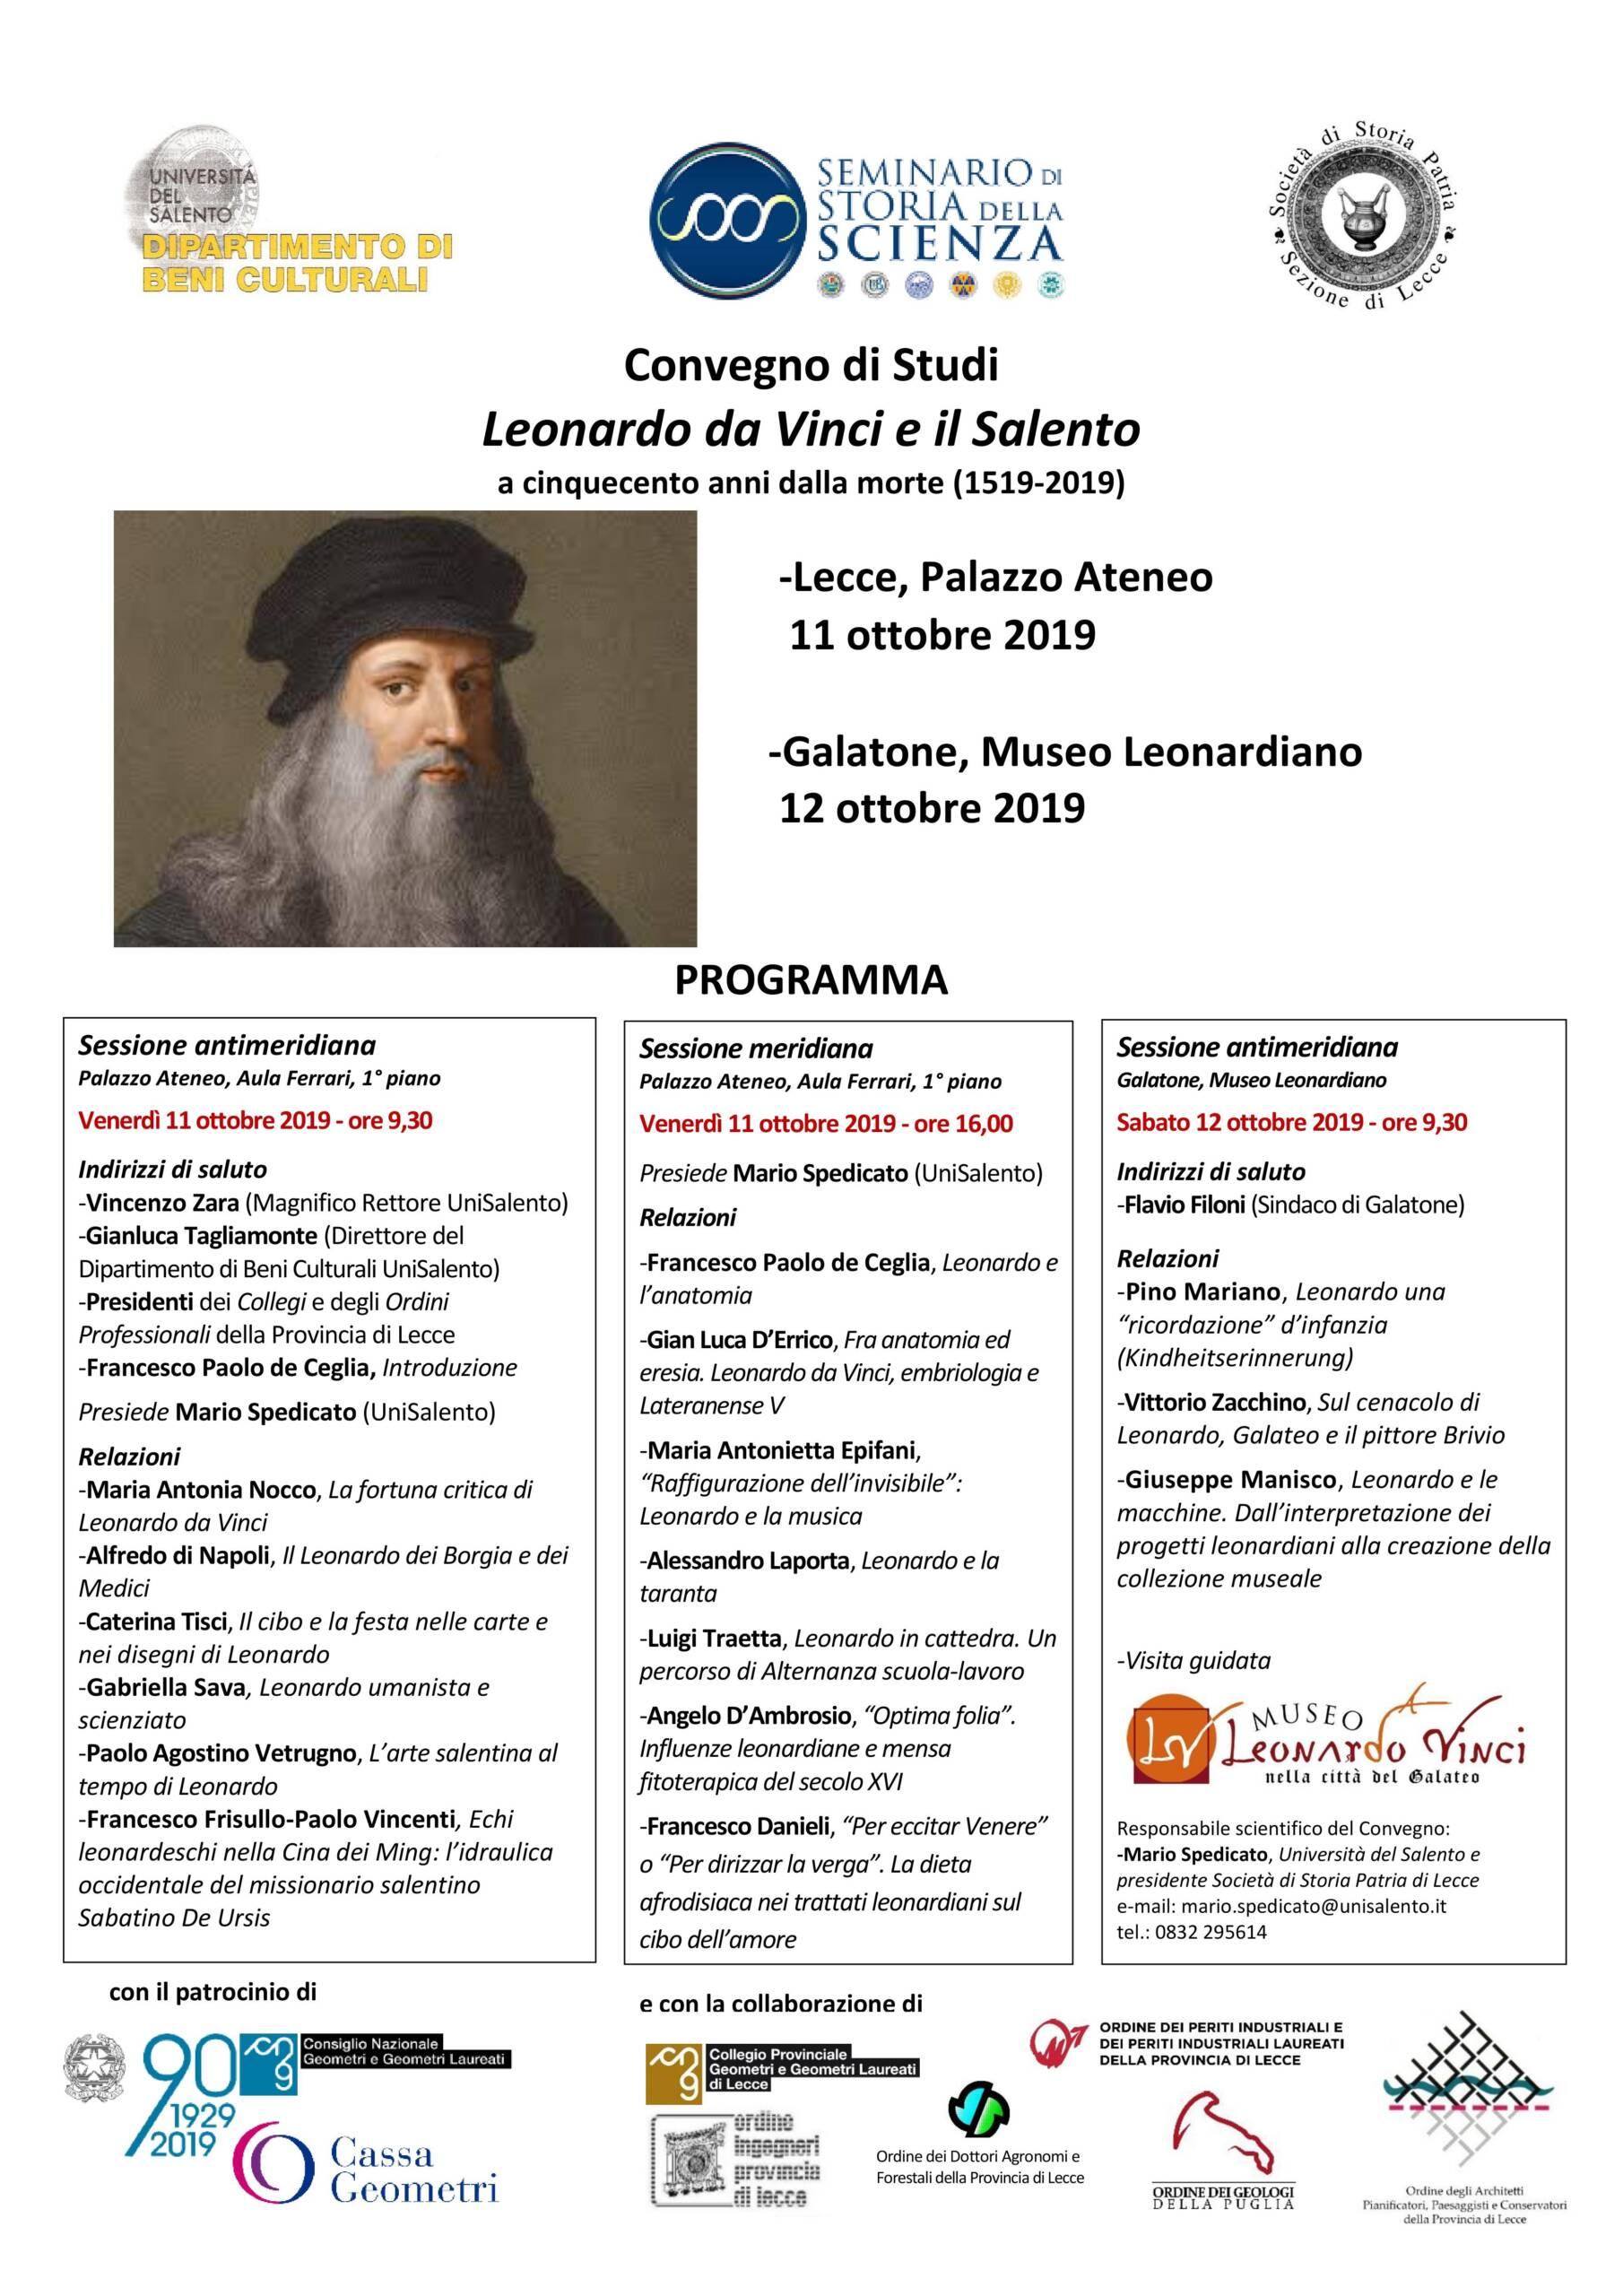 """Comunicato Stampa – Convegno di Studi """"Leonardo da Vinci e il Salento a cinquecento anni dalla morte (1519-2019)"""""""